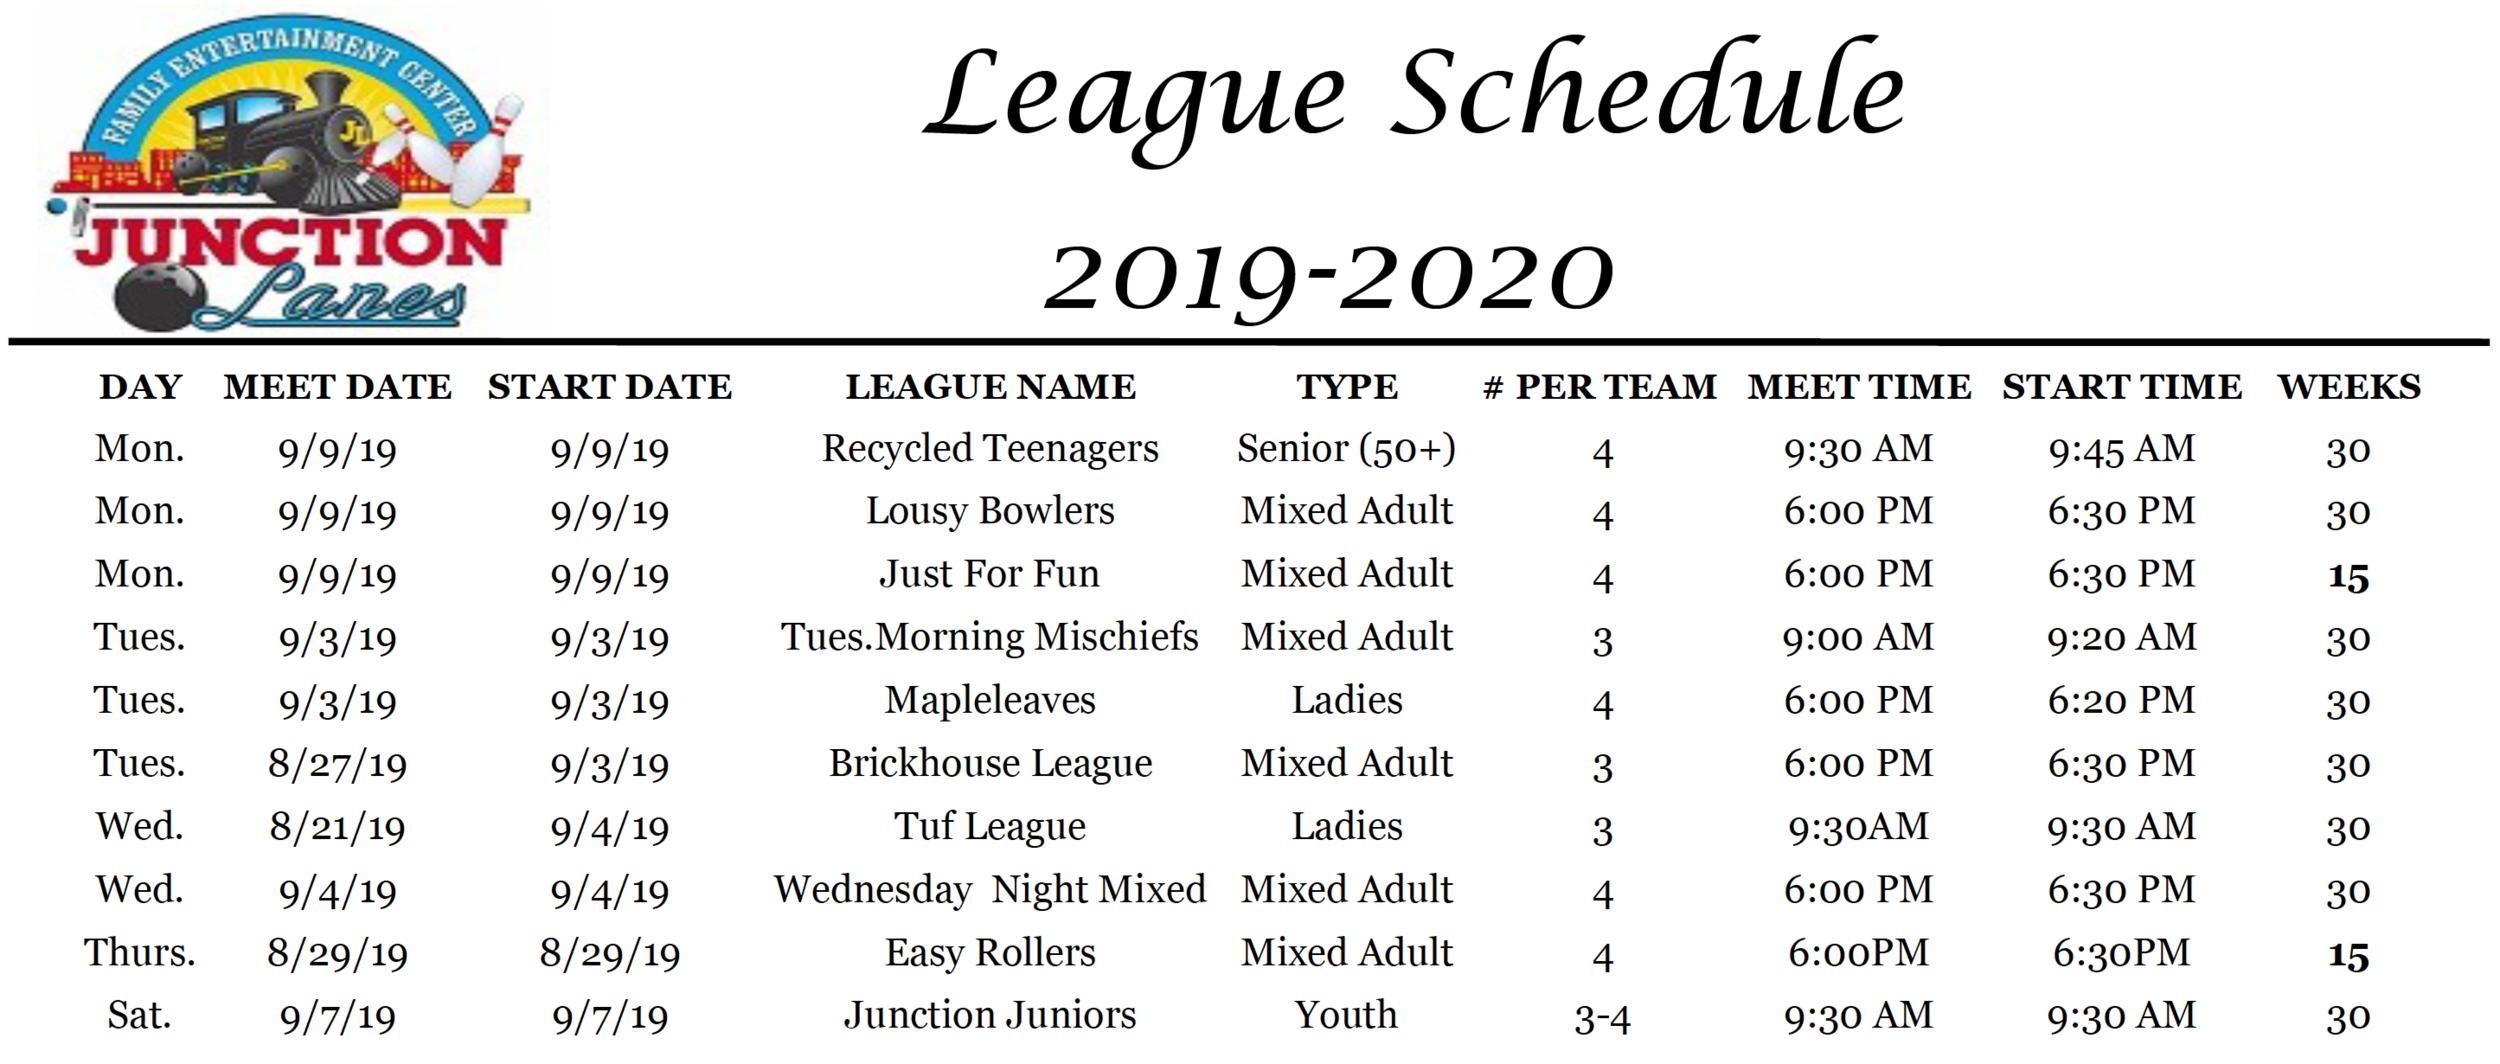 2019 -2020 League Schedule.png